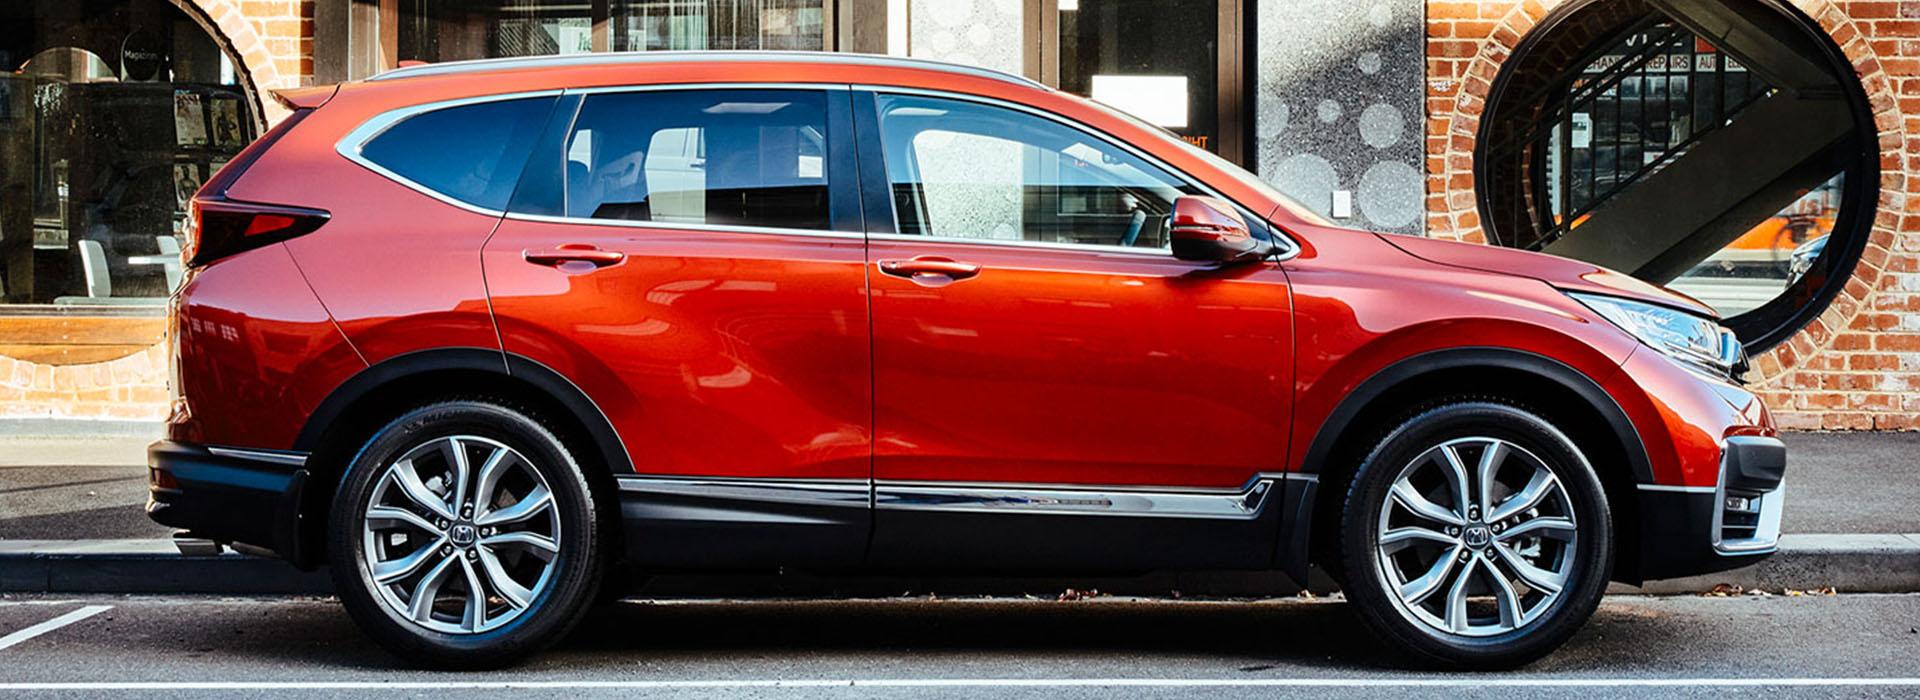 Honda New Car Range